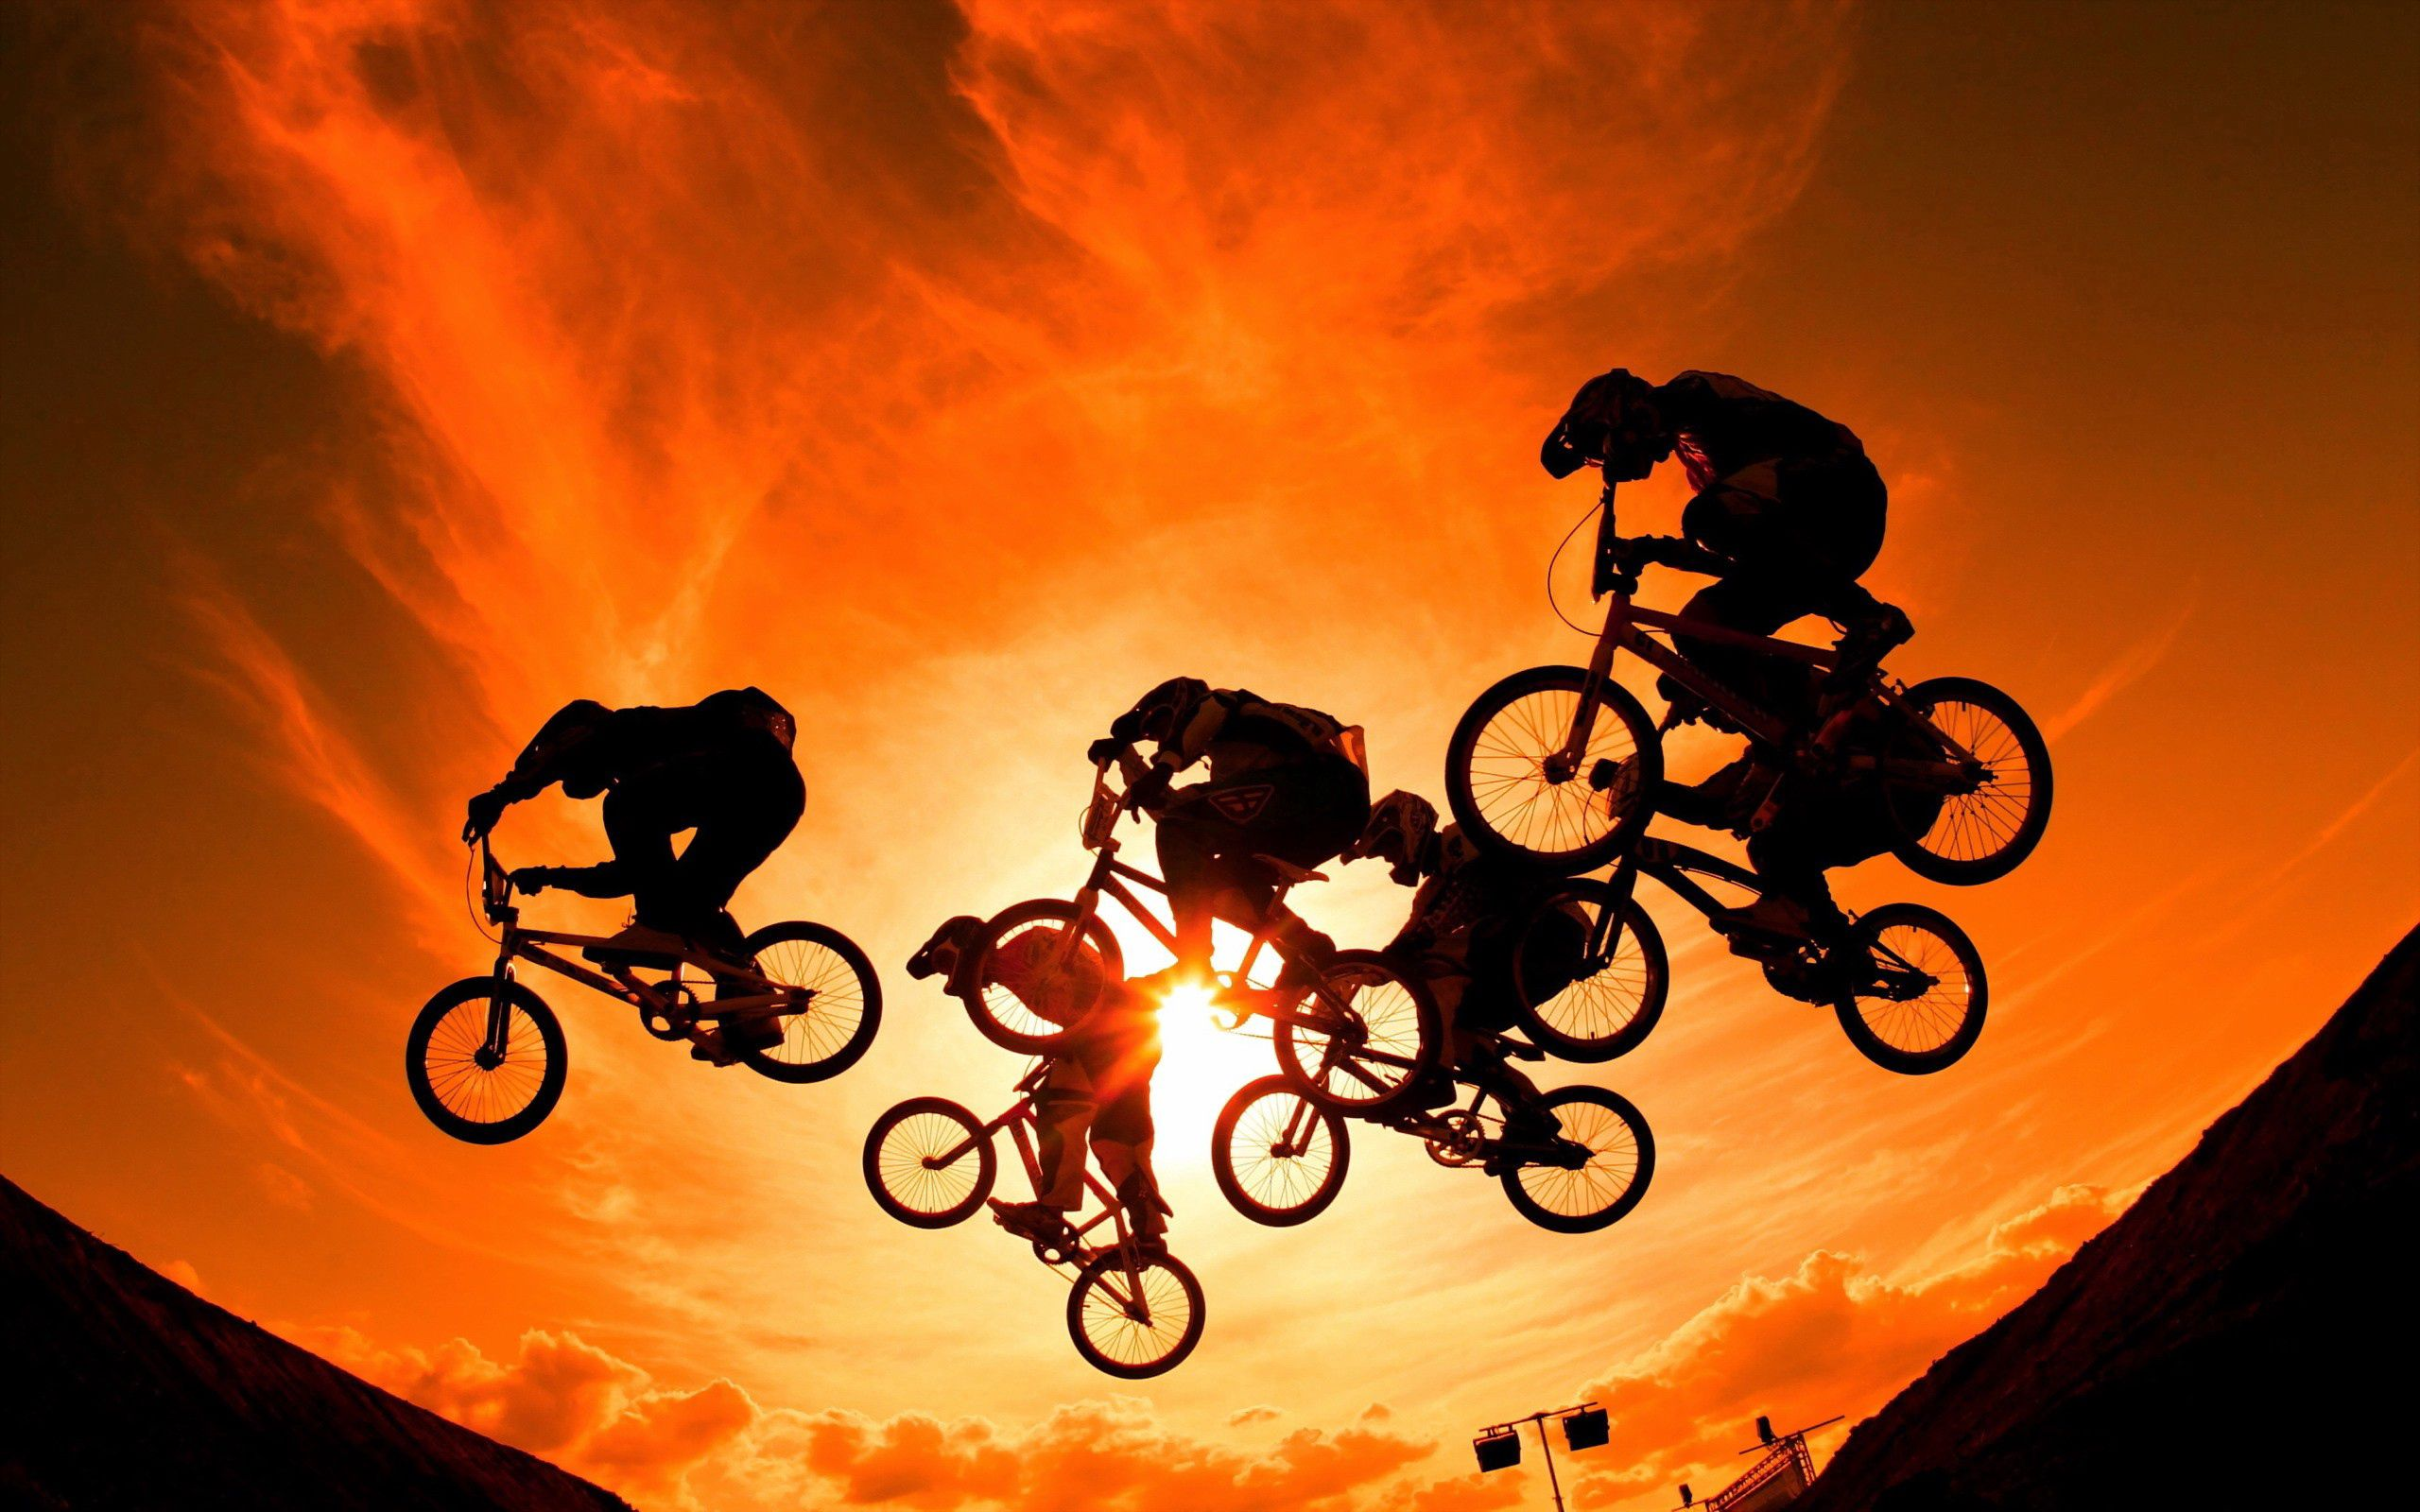 123063 Hintergrundbild herunterladen Sport, Sunset, Sky, Sun, Radfahrer - Bildschirmschoner und Bilder kostenlos